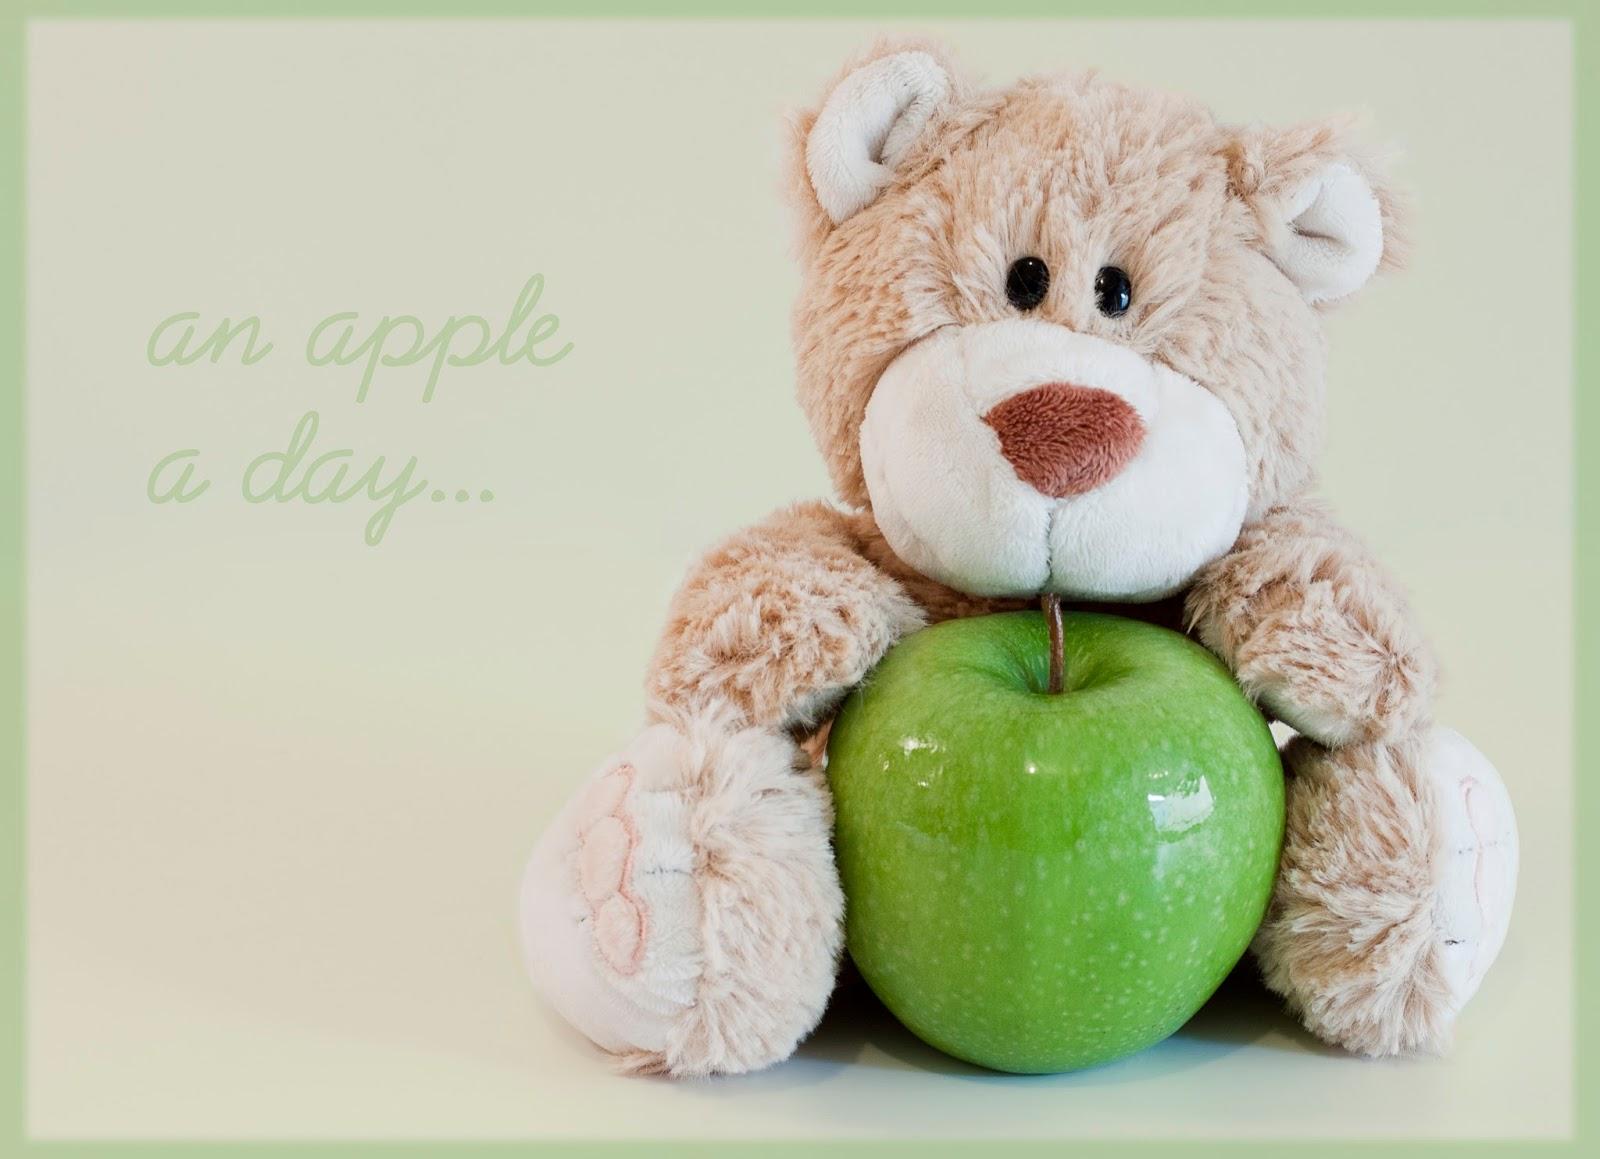 Pepe-manzana-apple